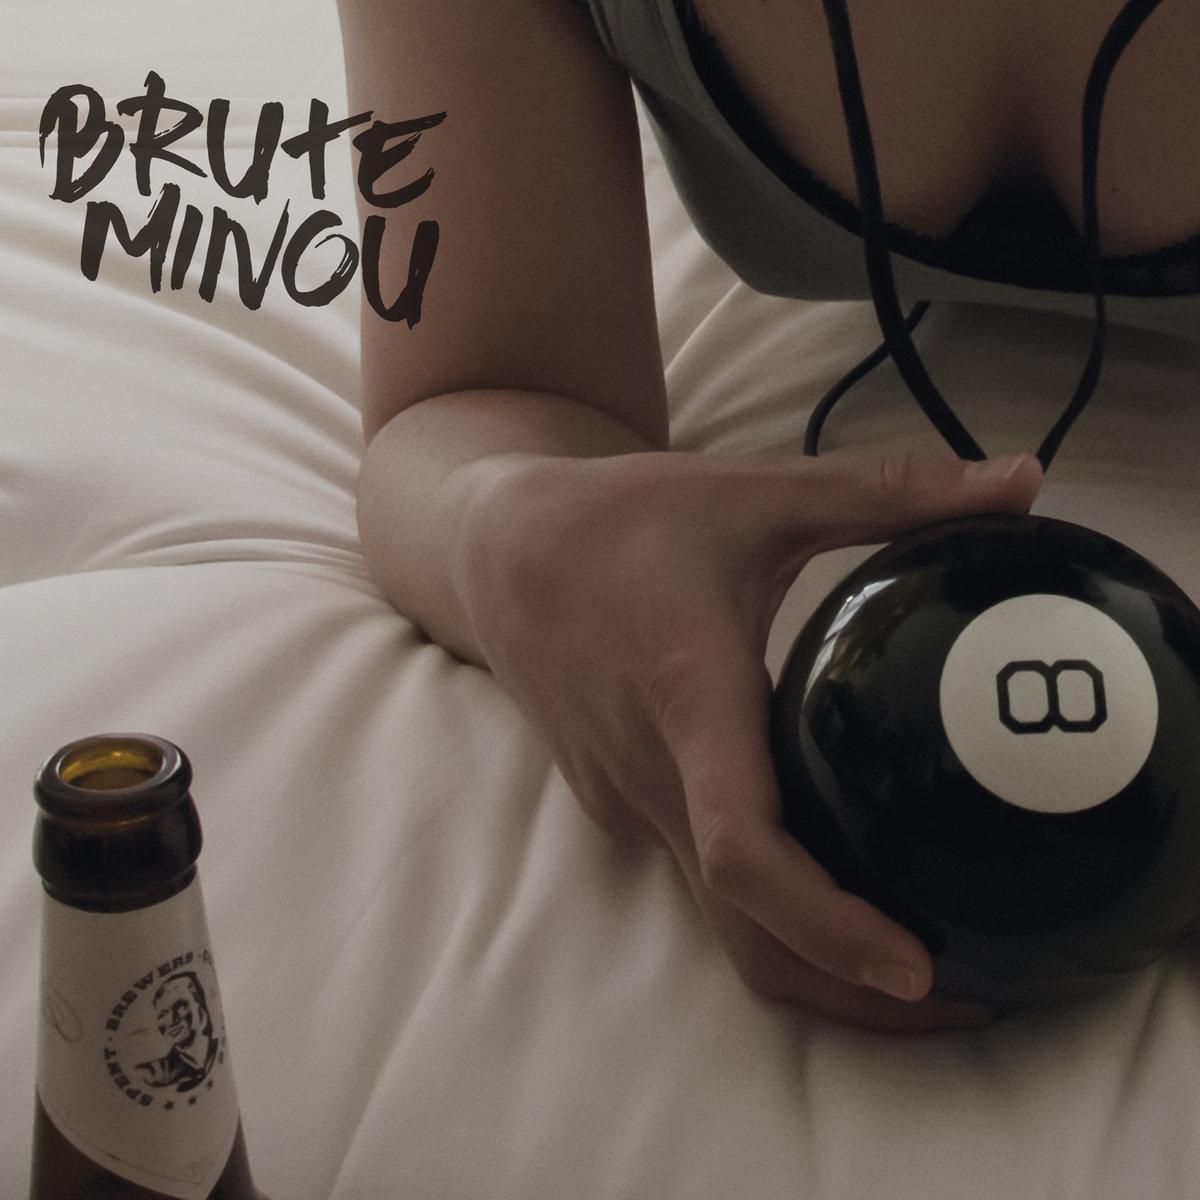 BRUTE MINOU - Self Titled